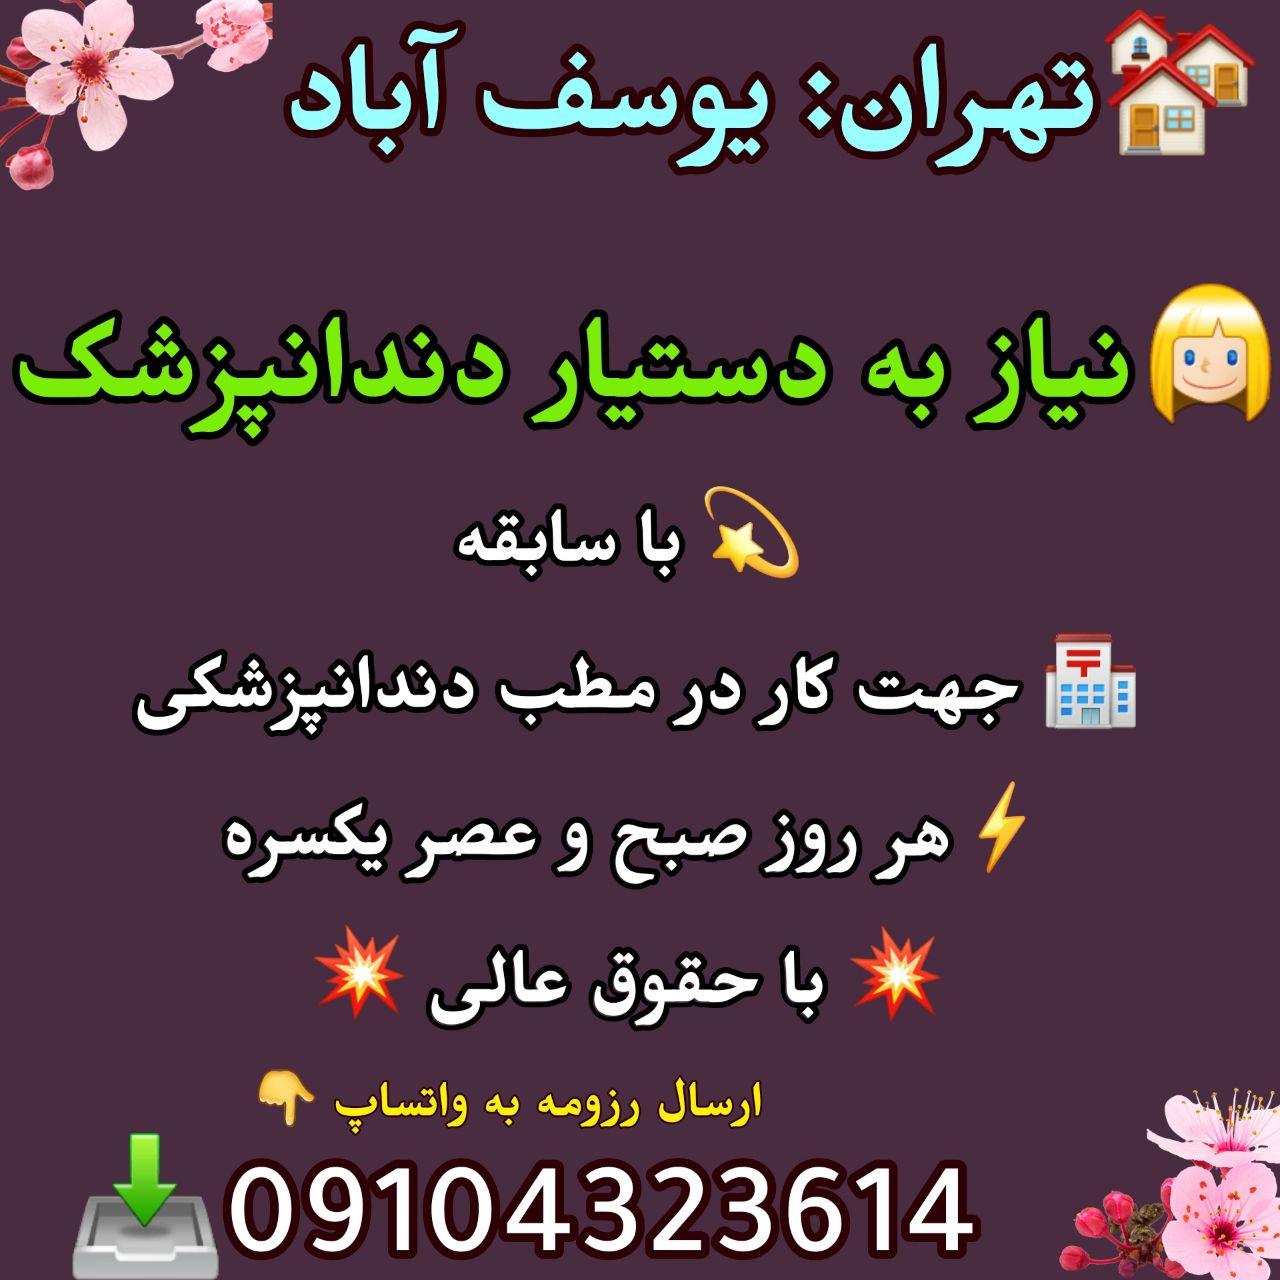 تهران: یوسف آباد